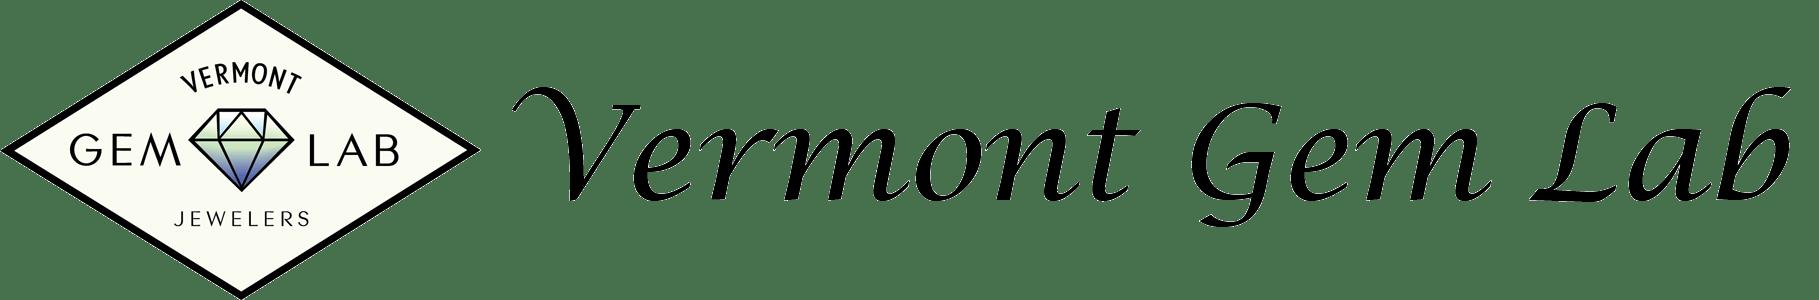 Vermont Gem Lab